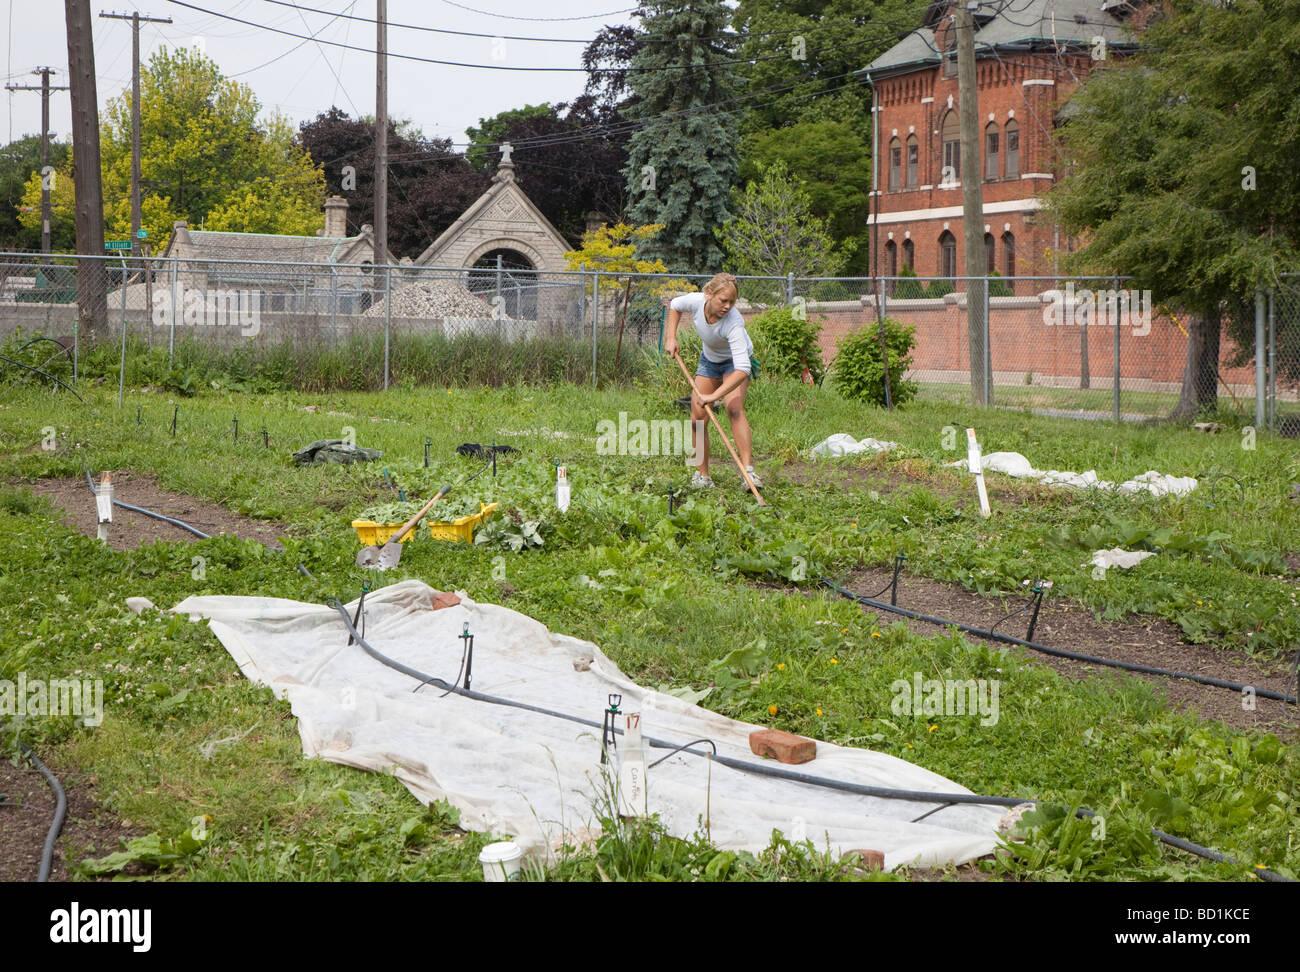 Garden Hoe Weed Stockfotos & Garden Hoe Weed Bilder - Alamy